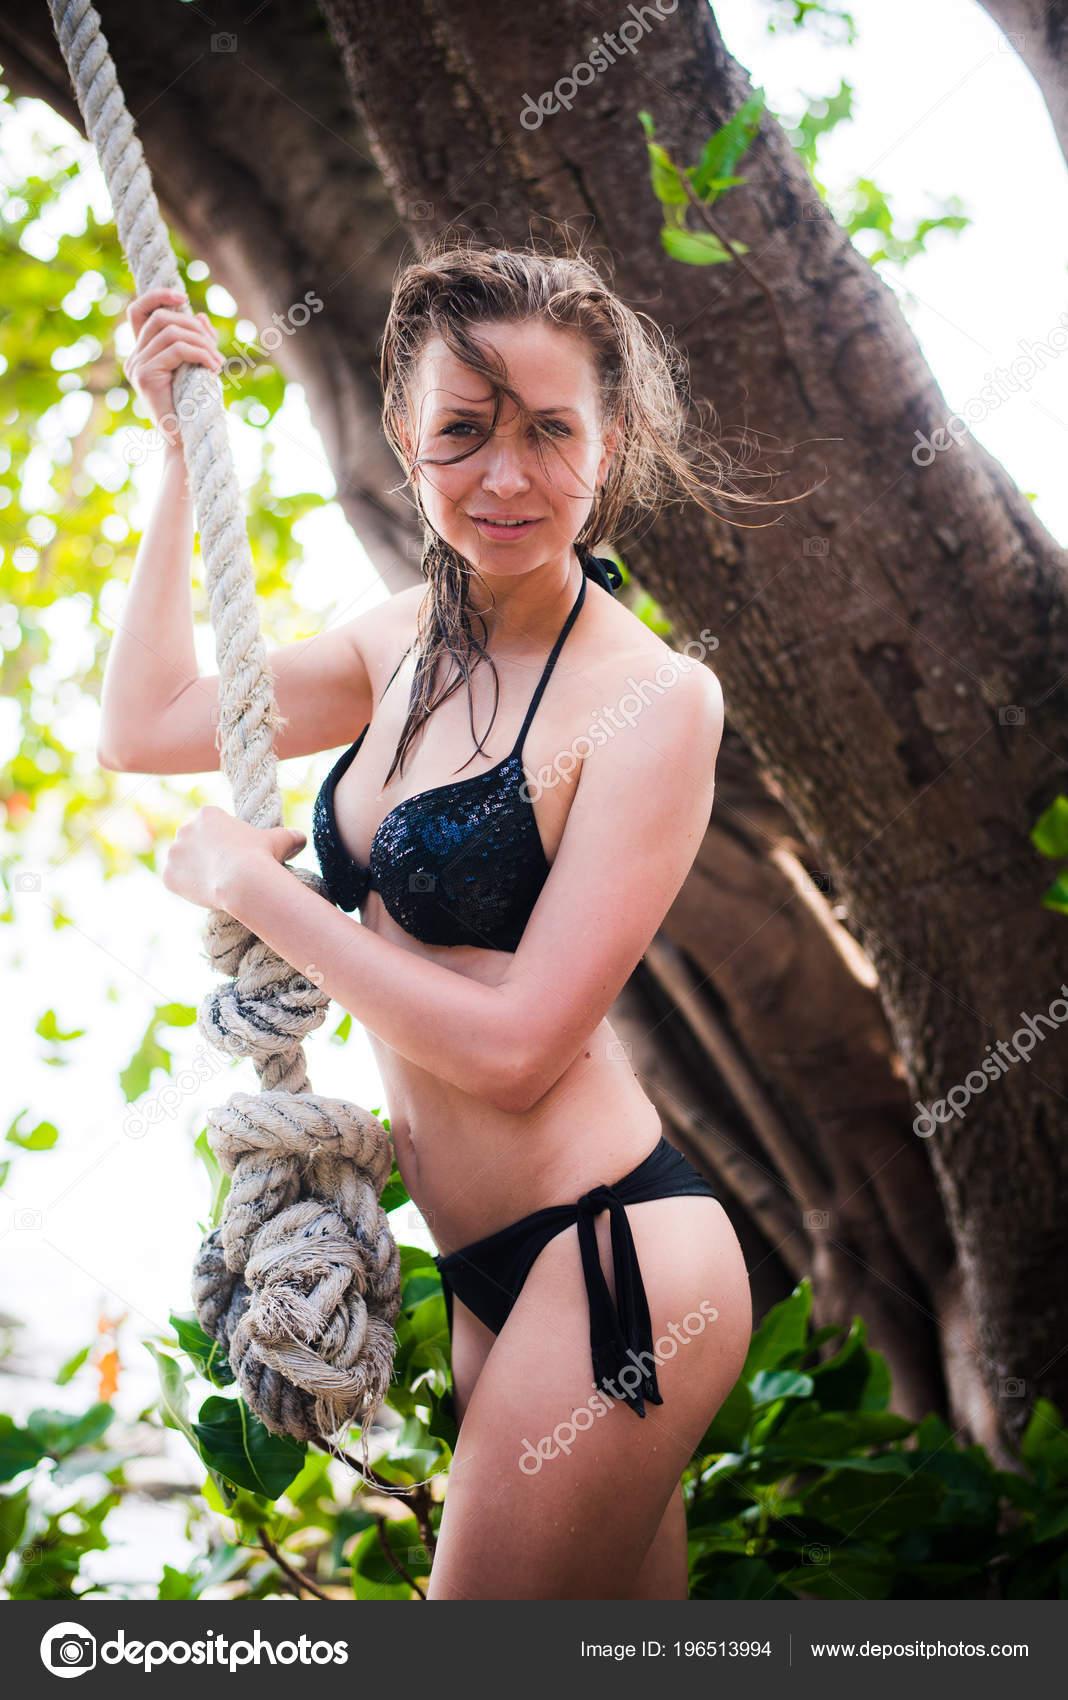 Фото девушек в купальниках из веревки, порно на дискотеке в россией